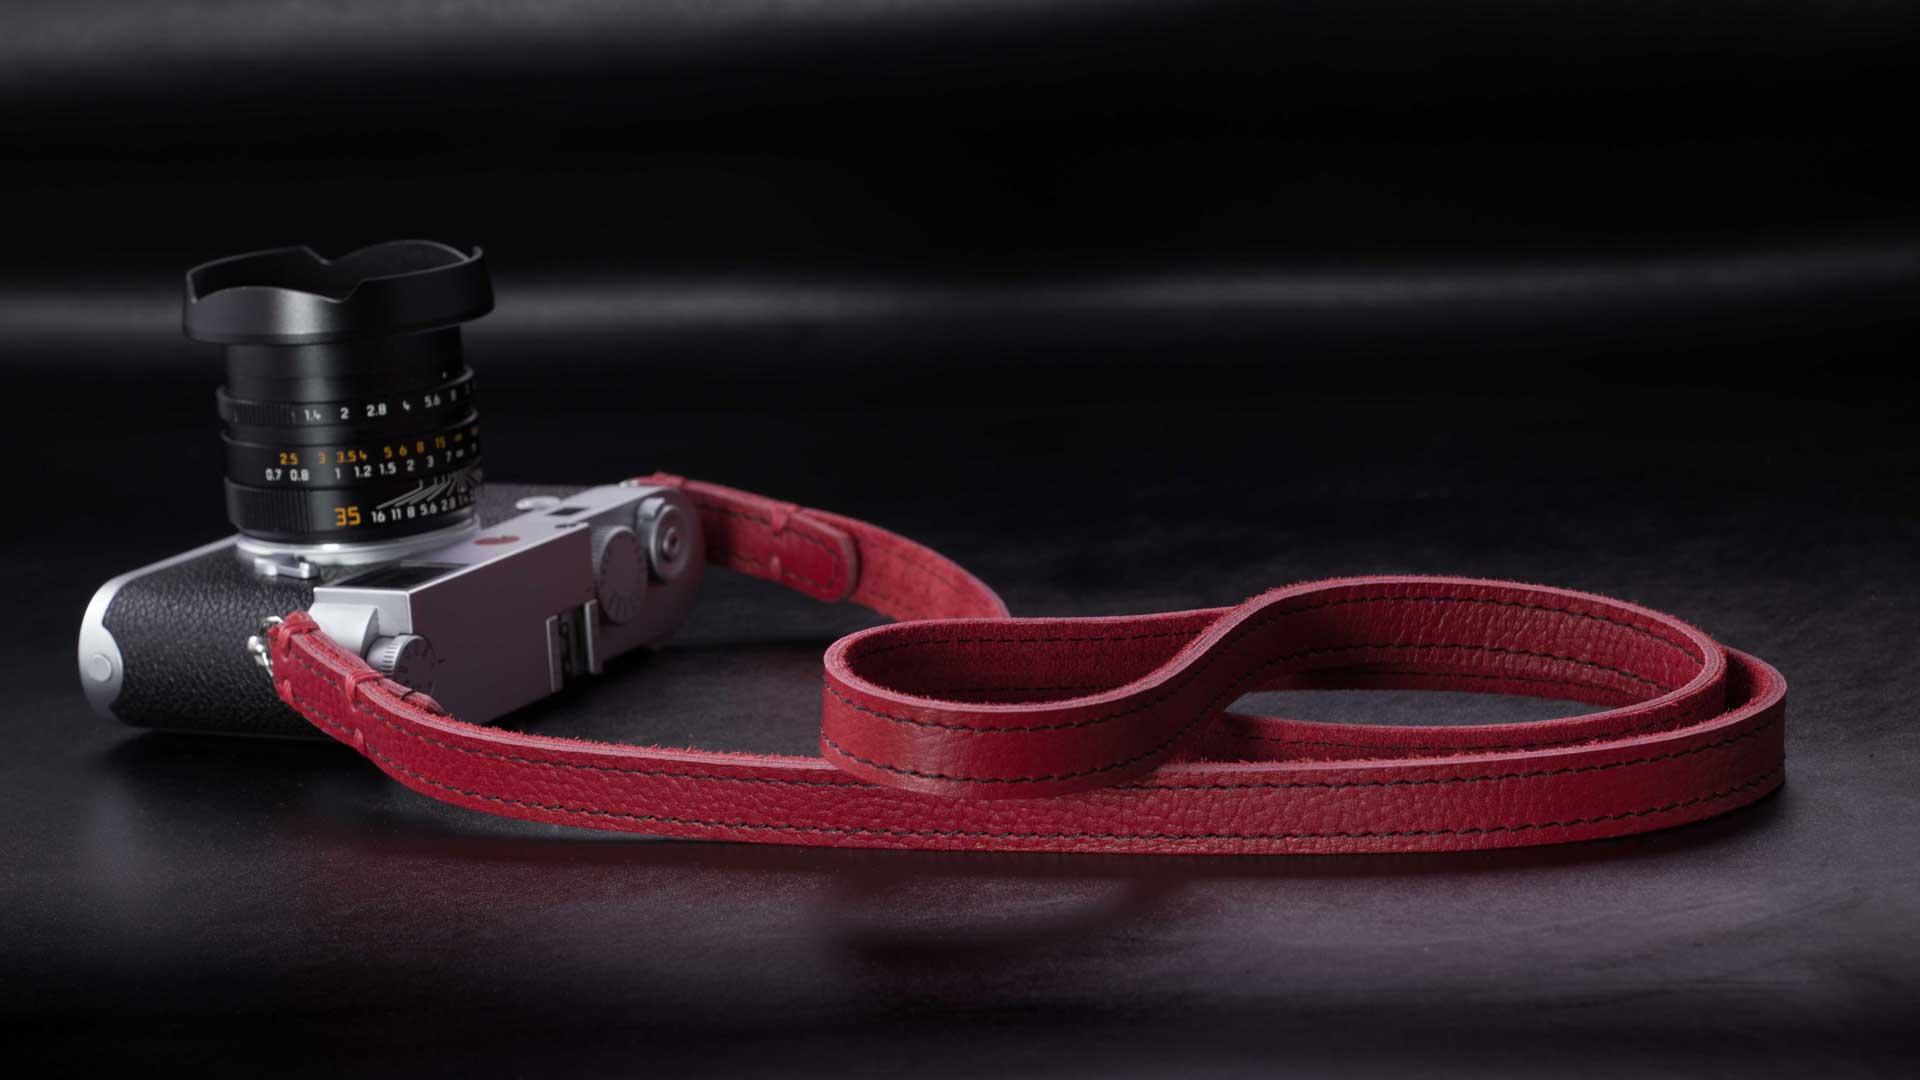 riviera strap, classic strap, leather camera strap, handmade leather camera strap, leica camera strap, mirrorless camera strap, handmade camera strap, dslr camera strap, black camera strap, red camera strap